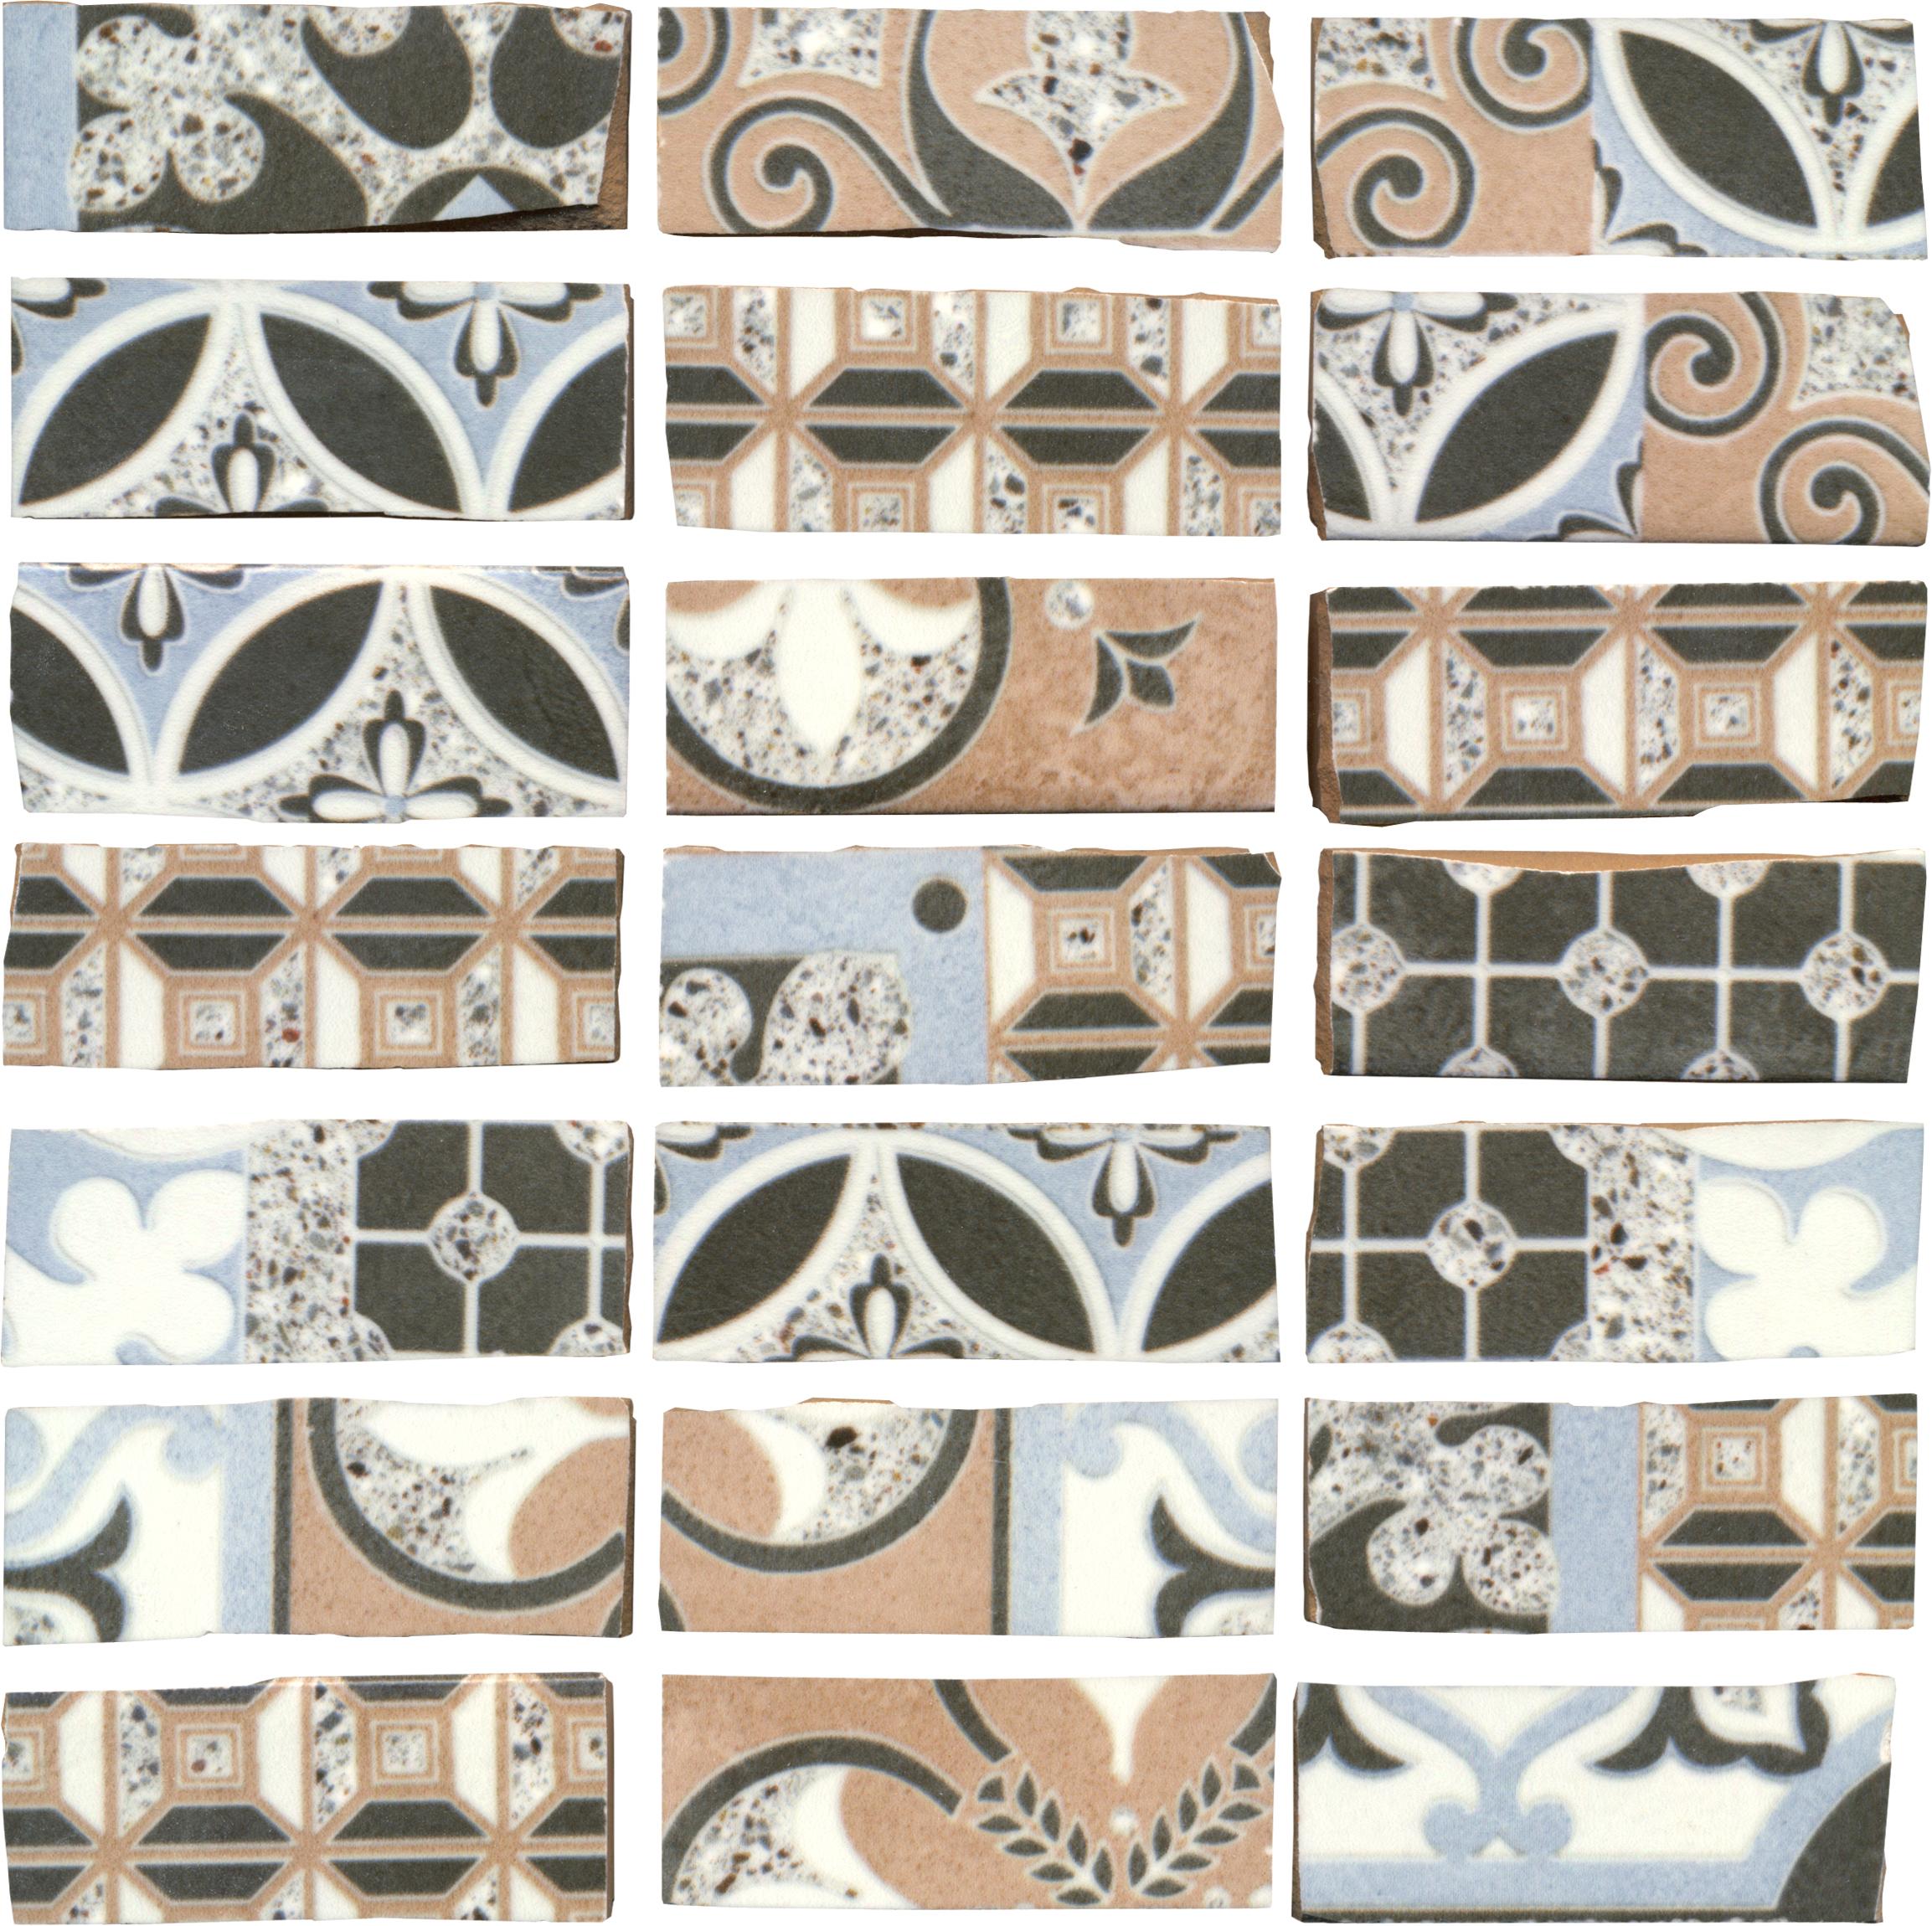 DEL CONCA Abbazie AB DELn-20ab00mnd Notre Dame Mosaik 20x20 matt